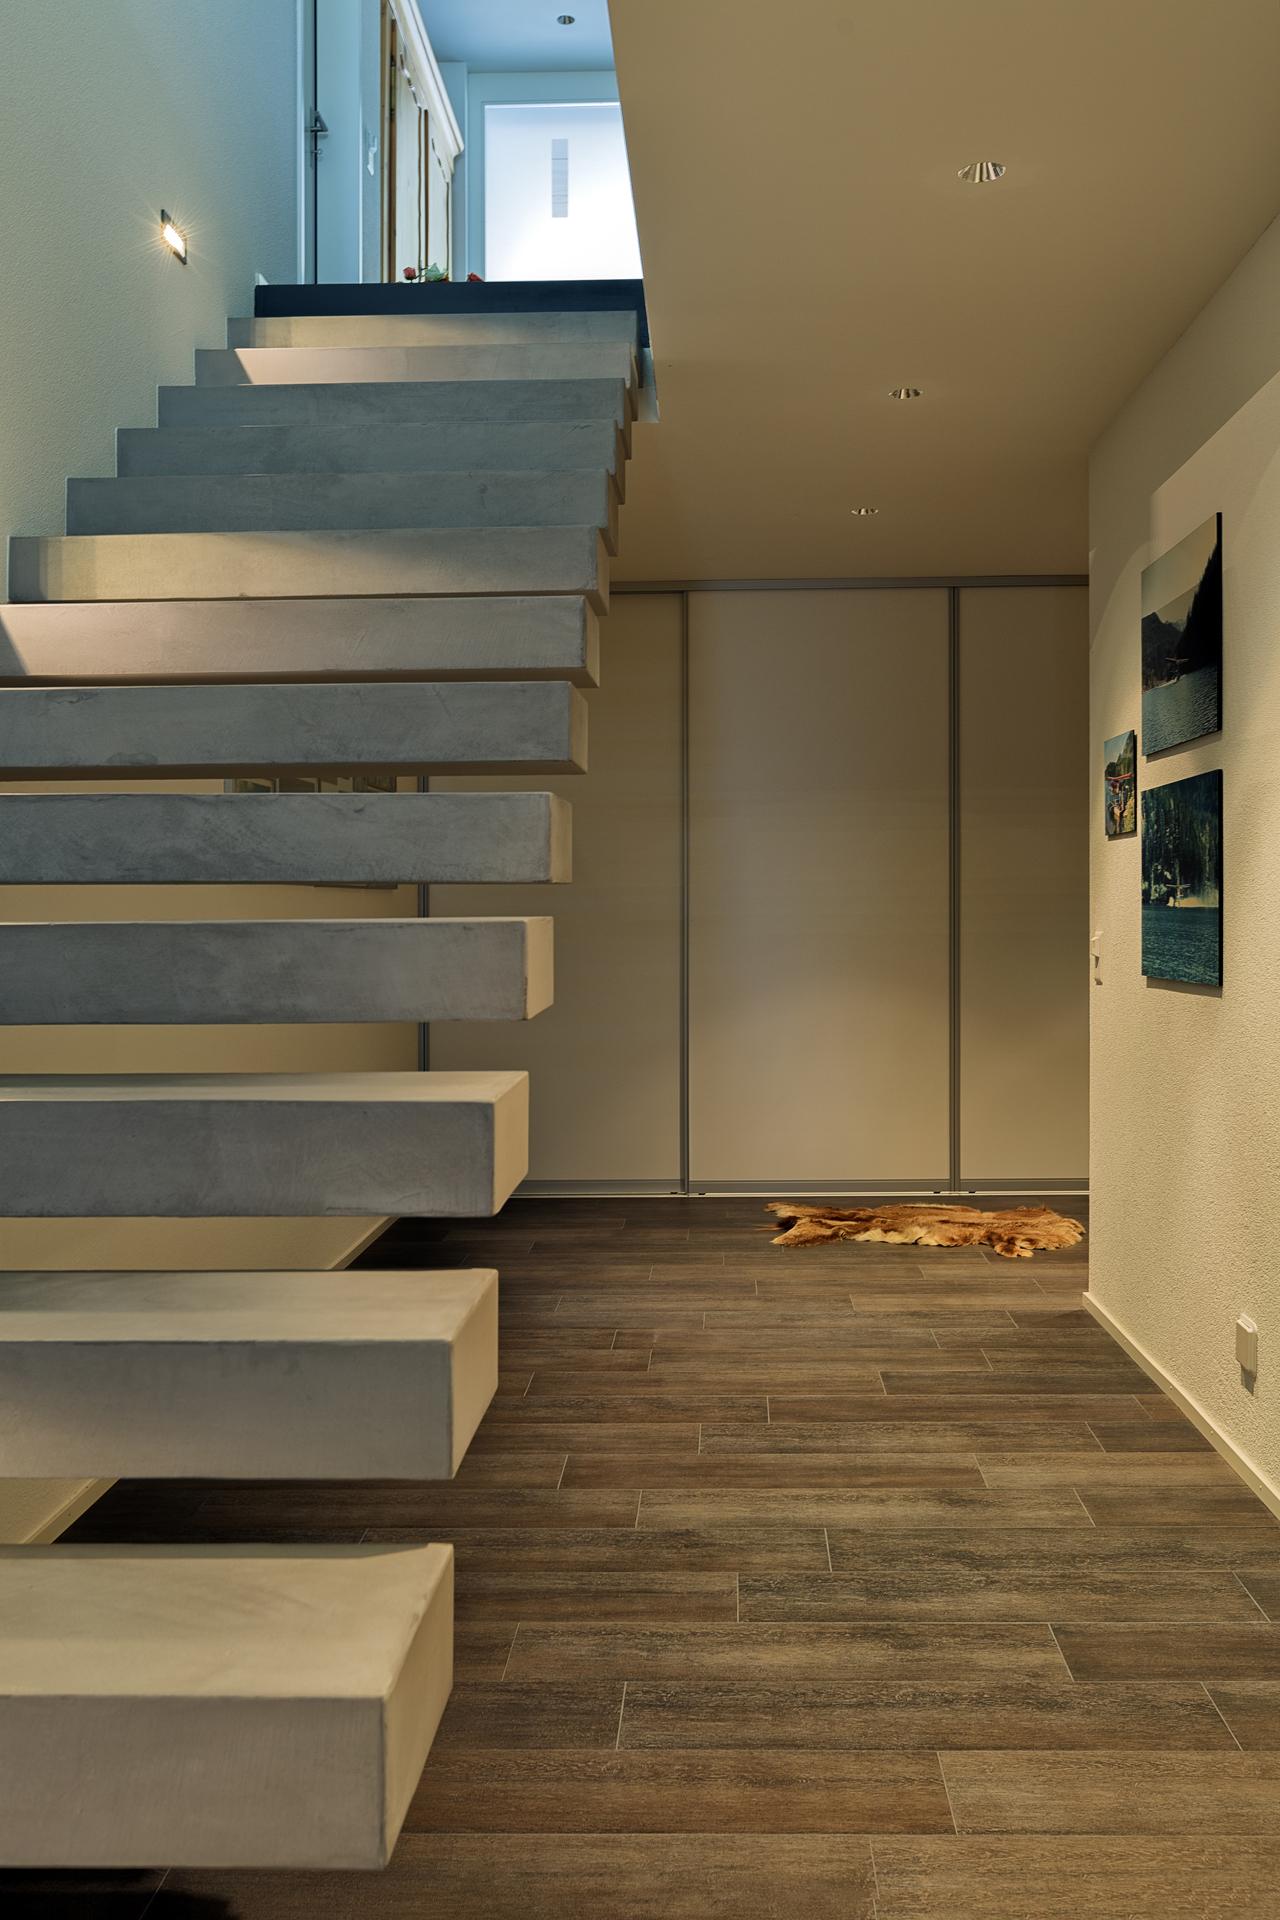 raumhoher schrankraum mit schiebet ren im untergeschoss neben dem stiegenaufgang auf zu. Black Bedroom Furniture Sets. Home Design Ideas